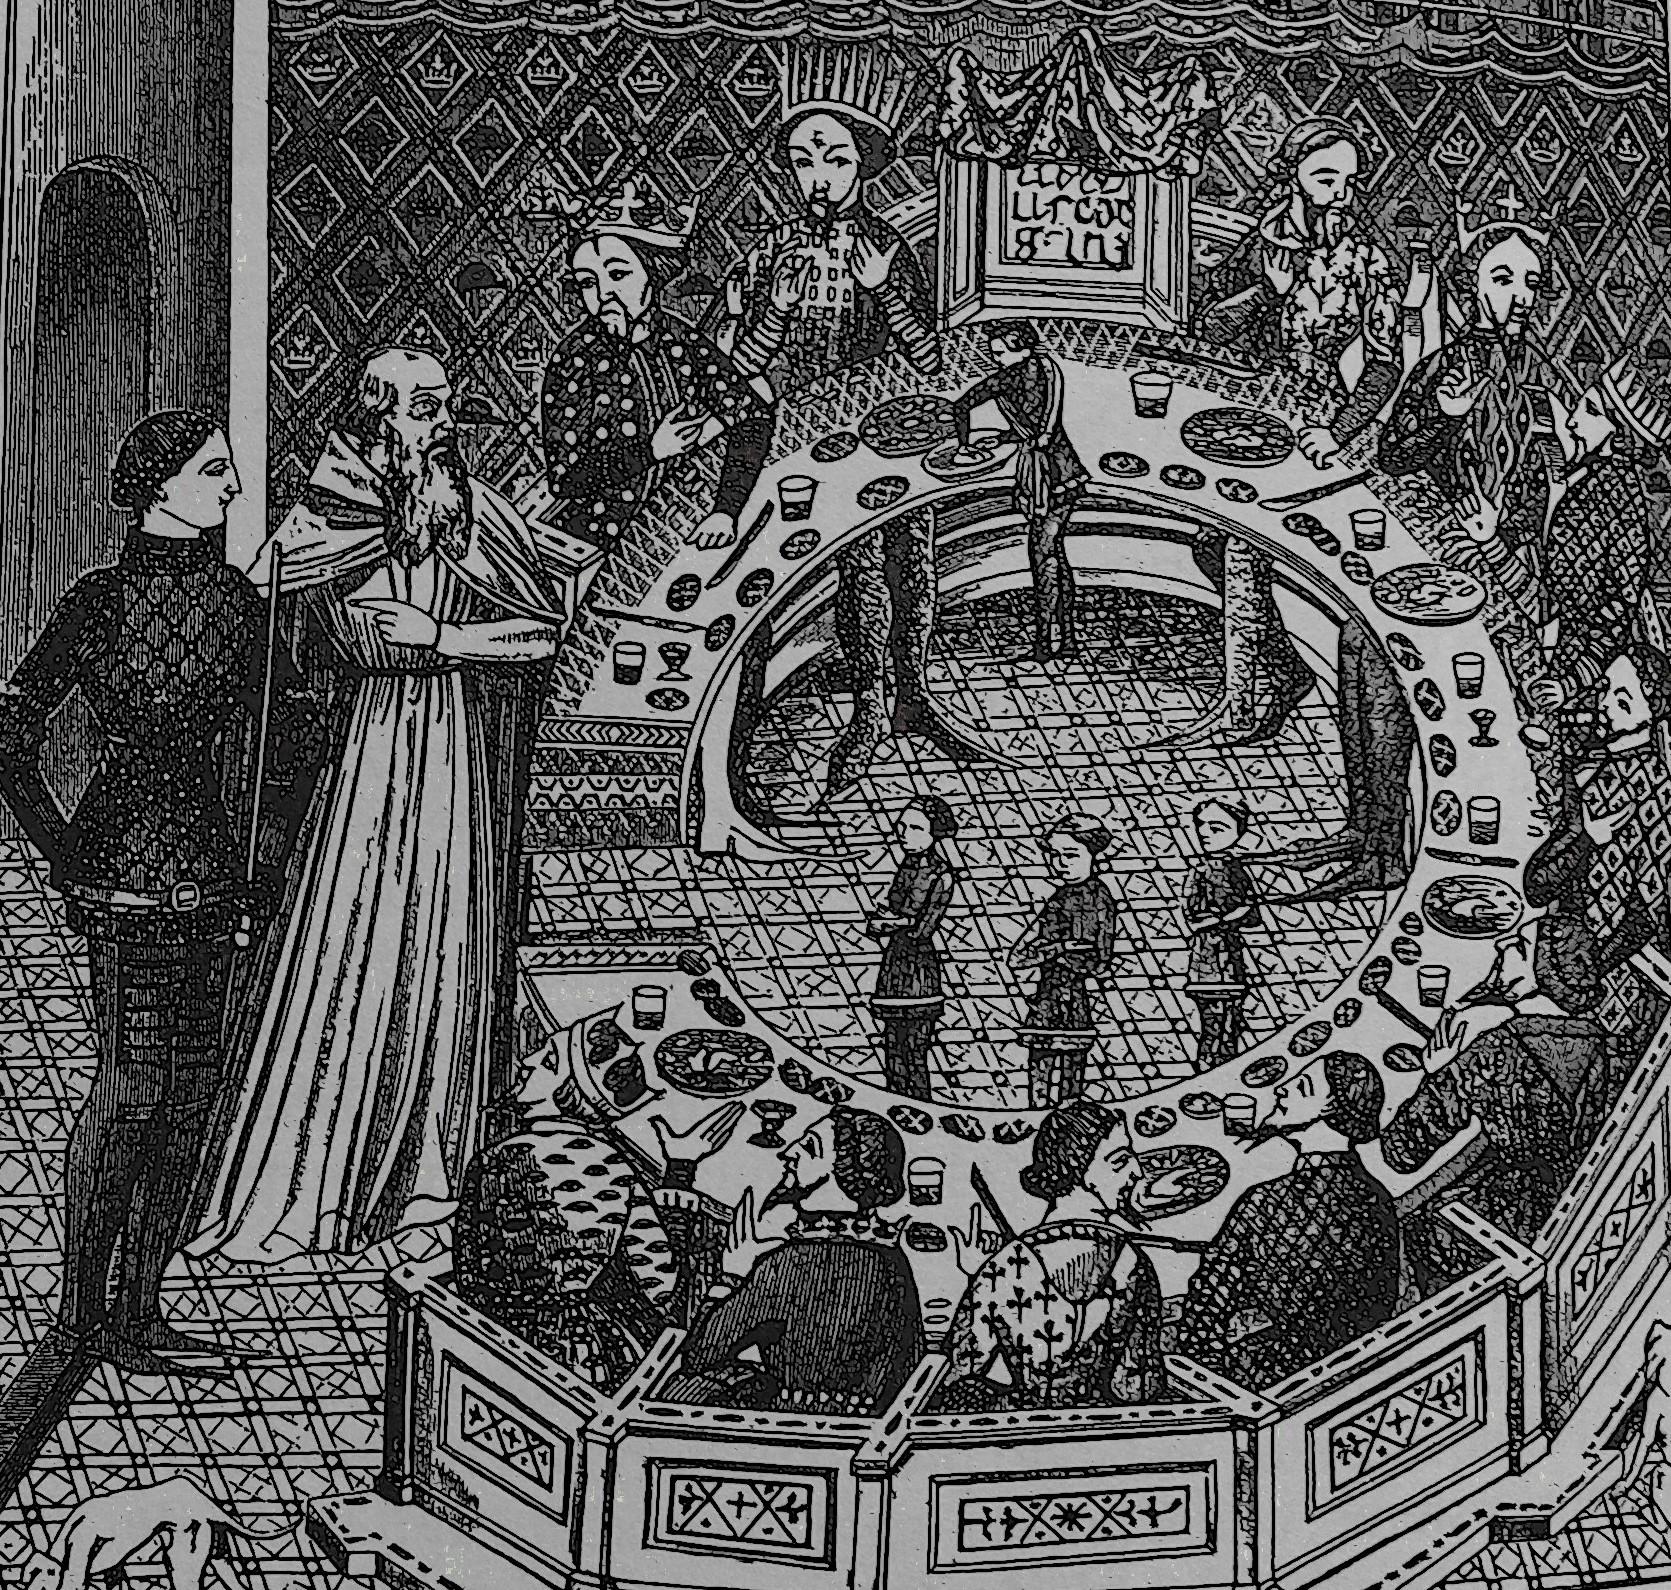 Un dux bellorum di nome artu di osvaldo carigi il punto sul mistero - Re artu ei cavalieri della tavola rotonda ...